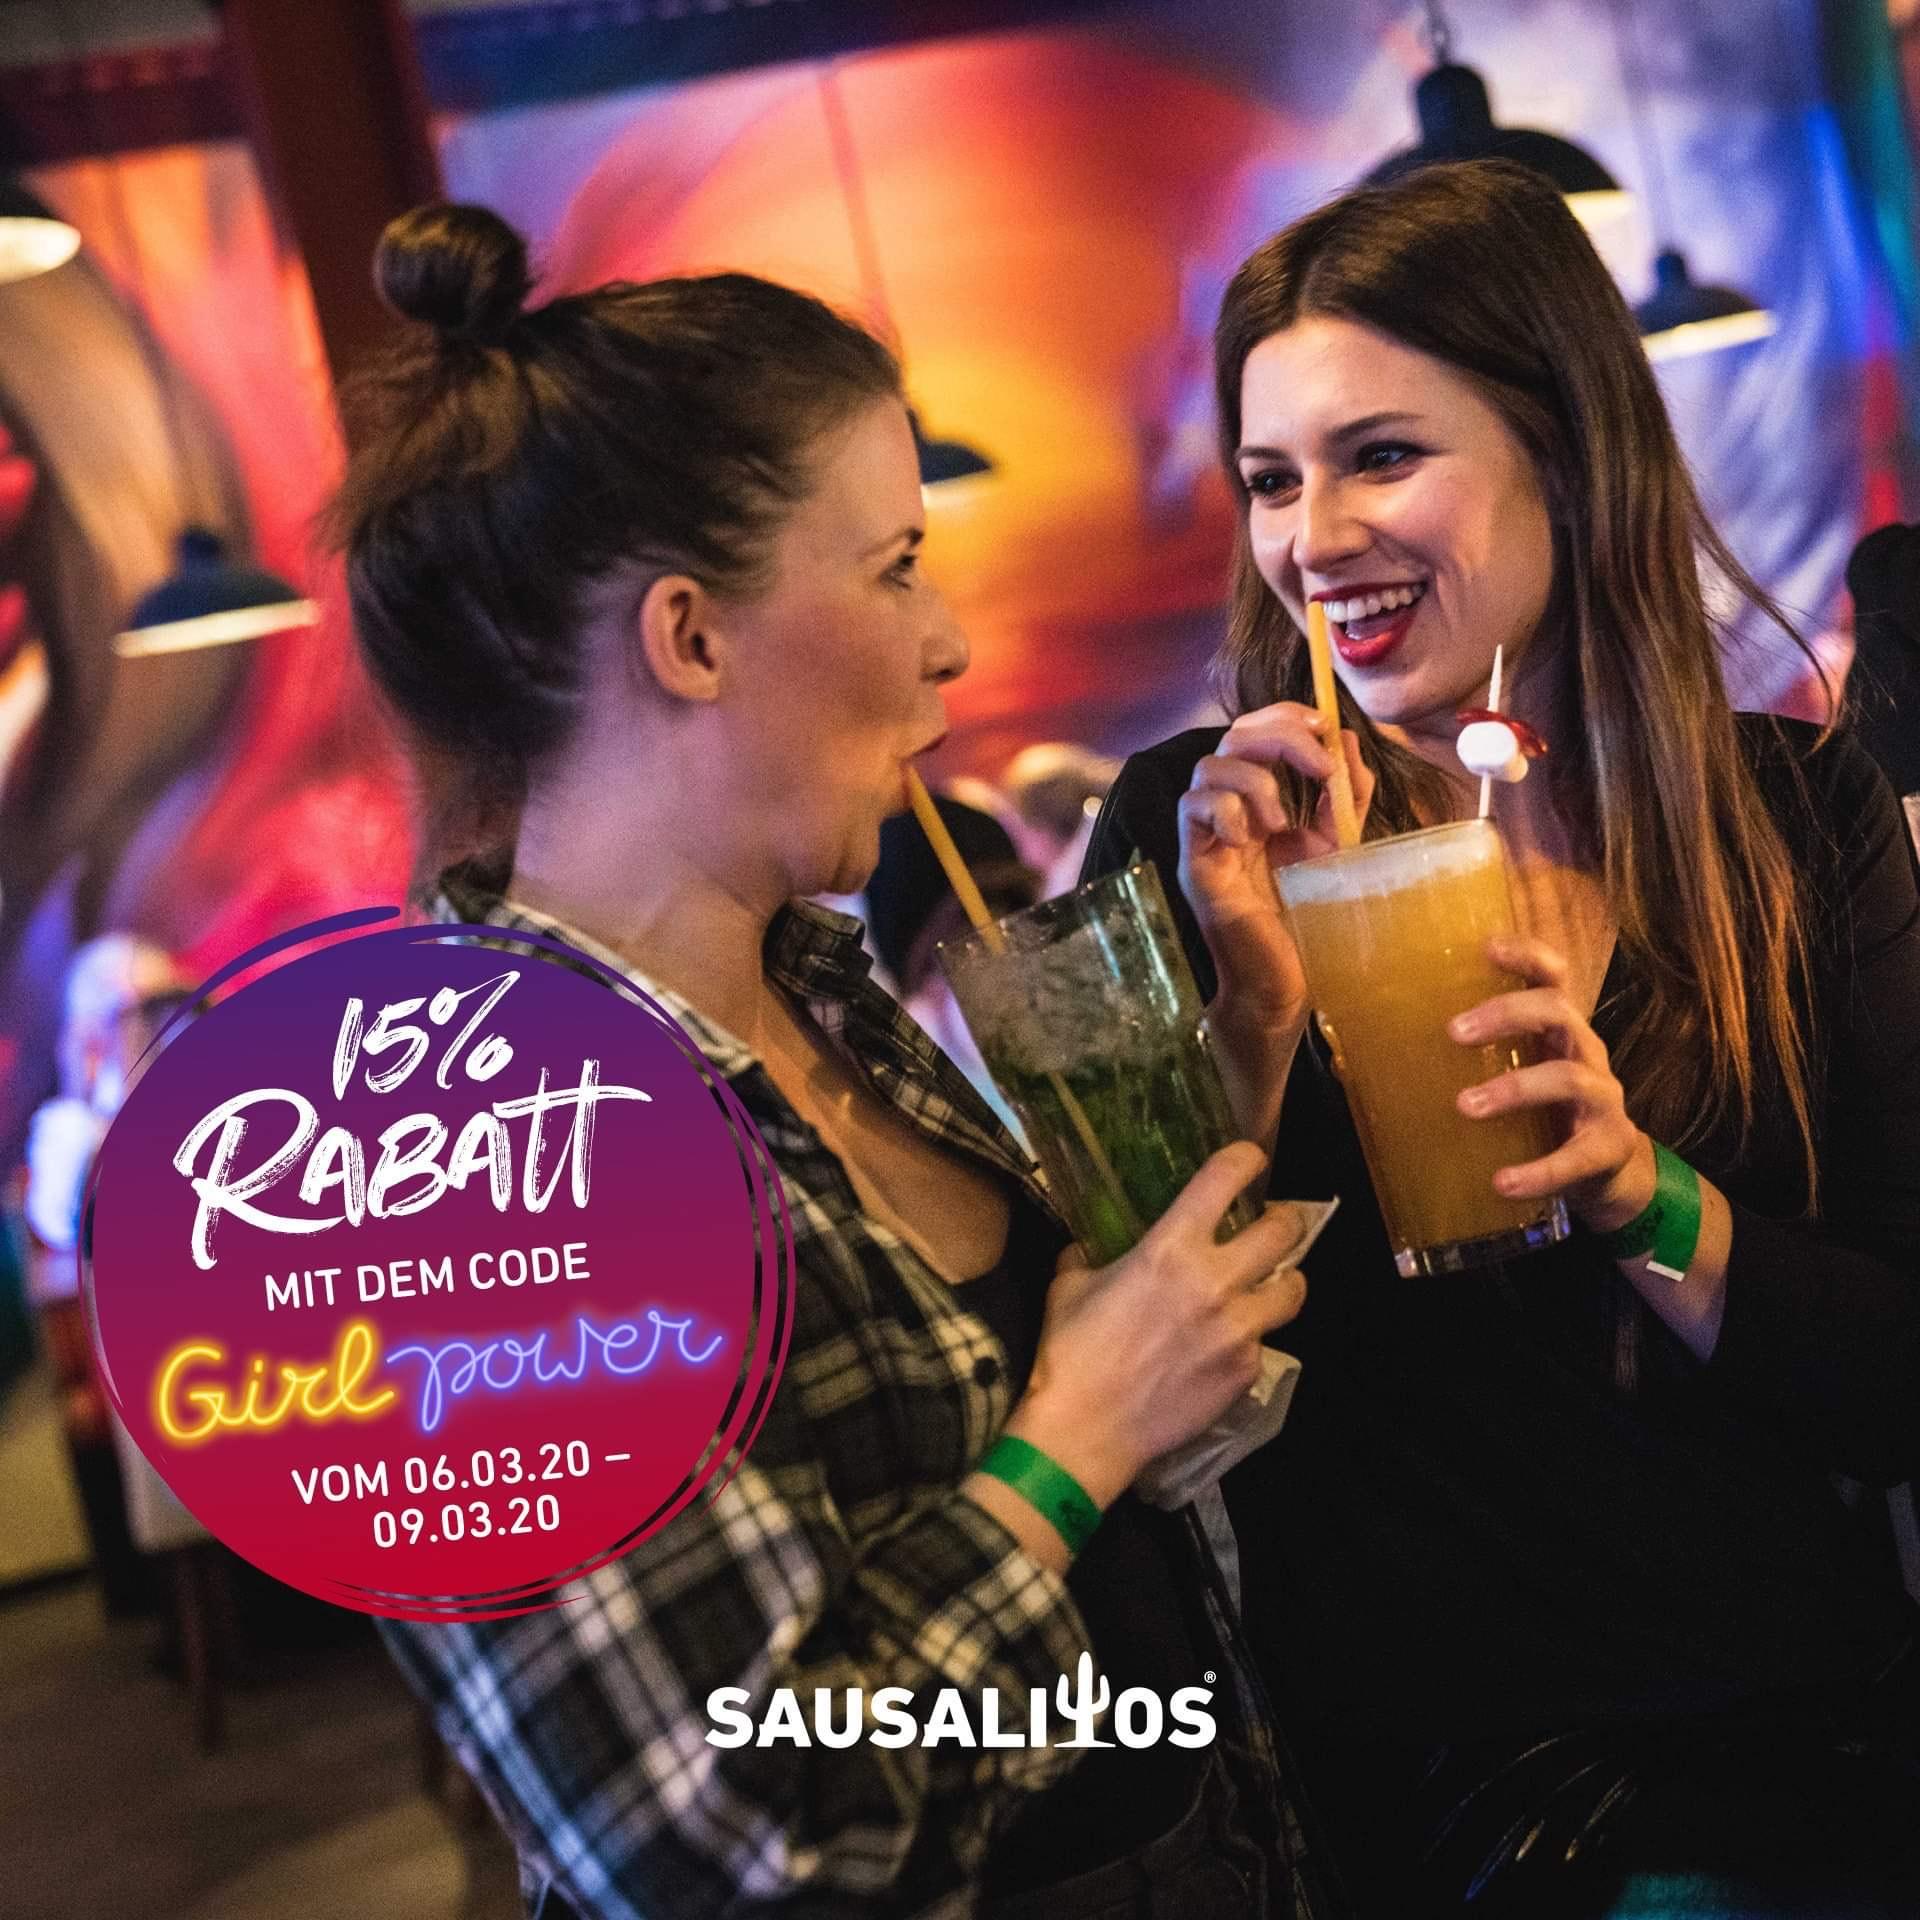 [Sausalitos] 12 Jumbo Cocktails Gutscheine für 63,74€